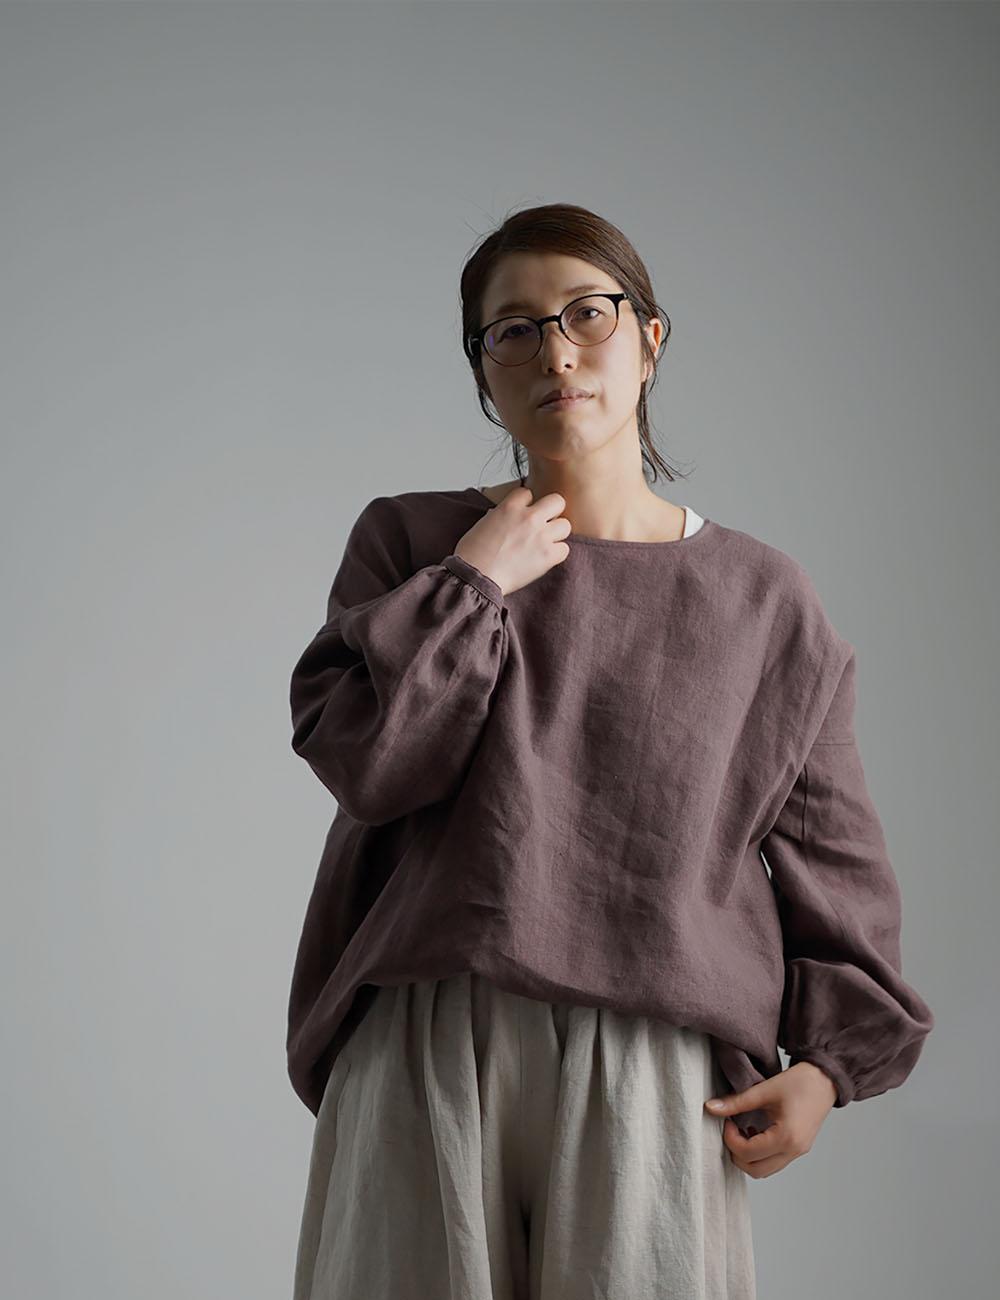 【10月7日21時~販売開始】Linen Top ふんわり袖ガゼットブラウス /小豆色(あずきいろ) t011e-azk2